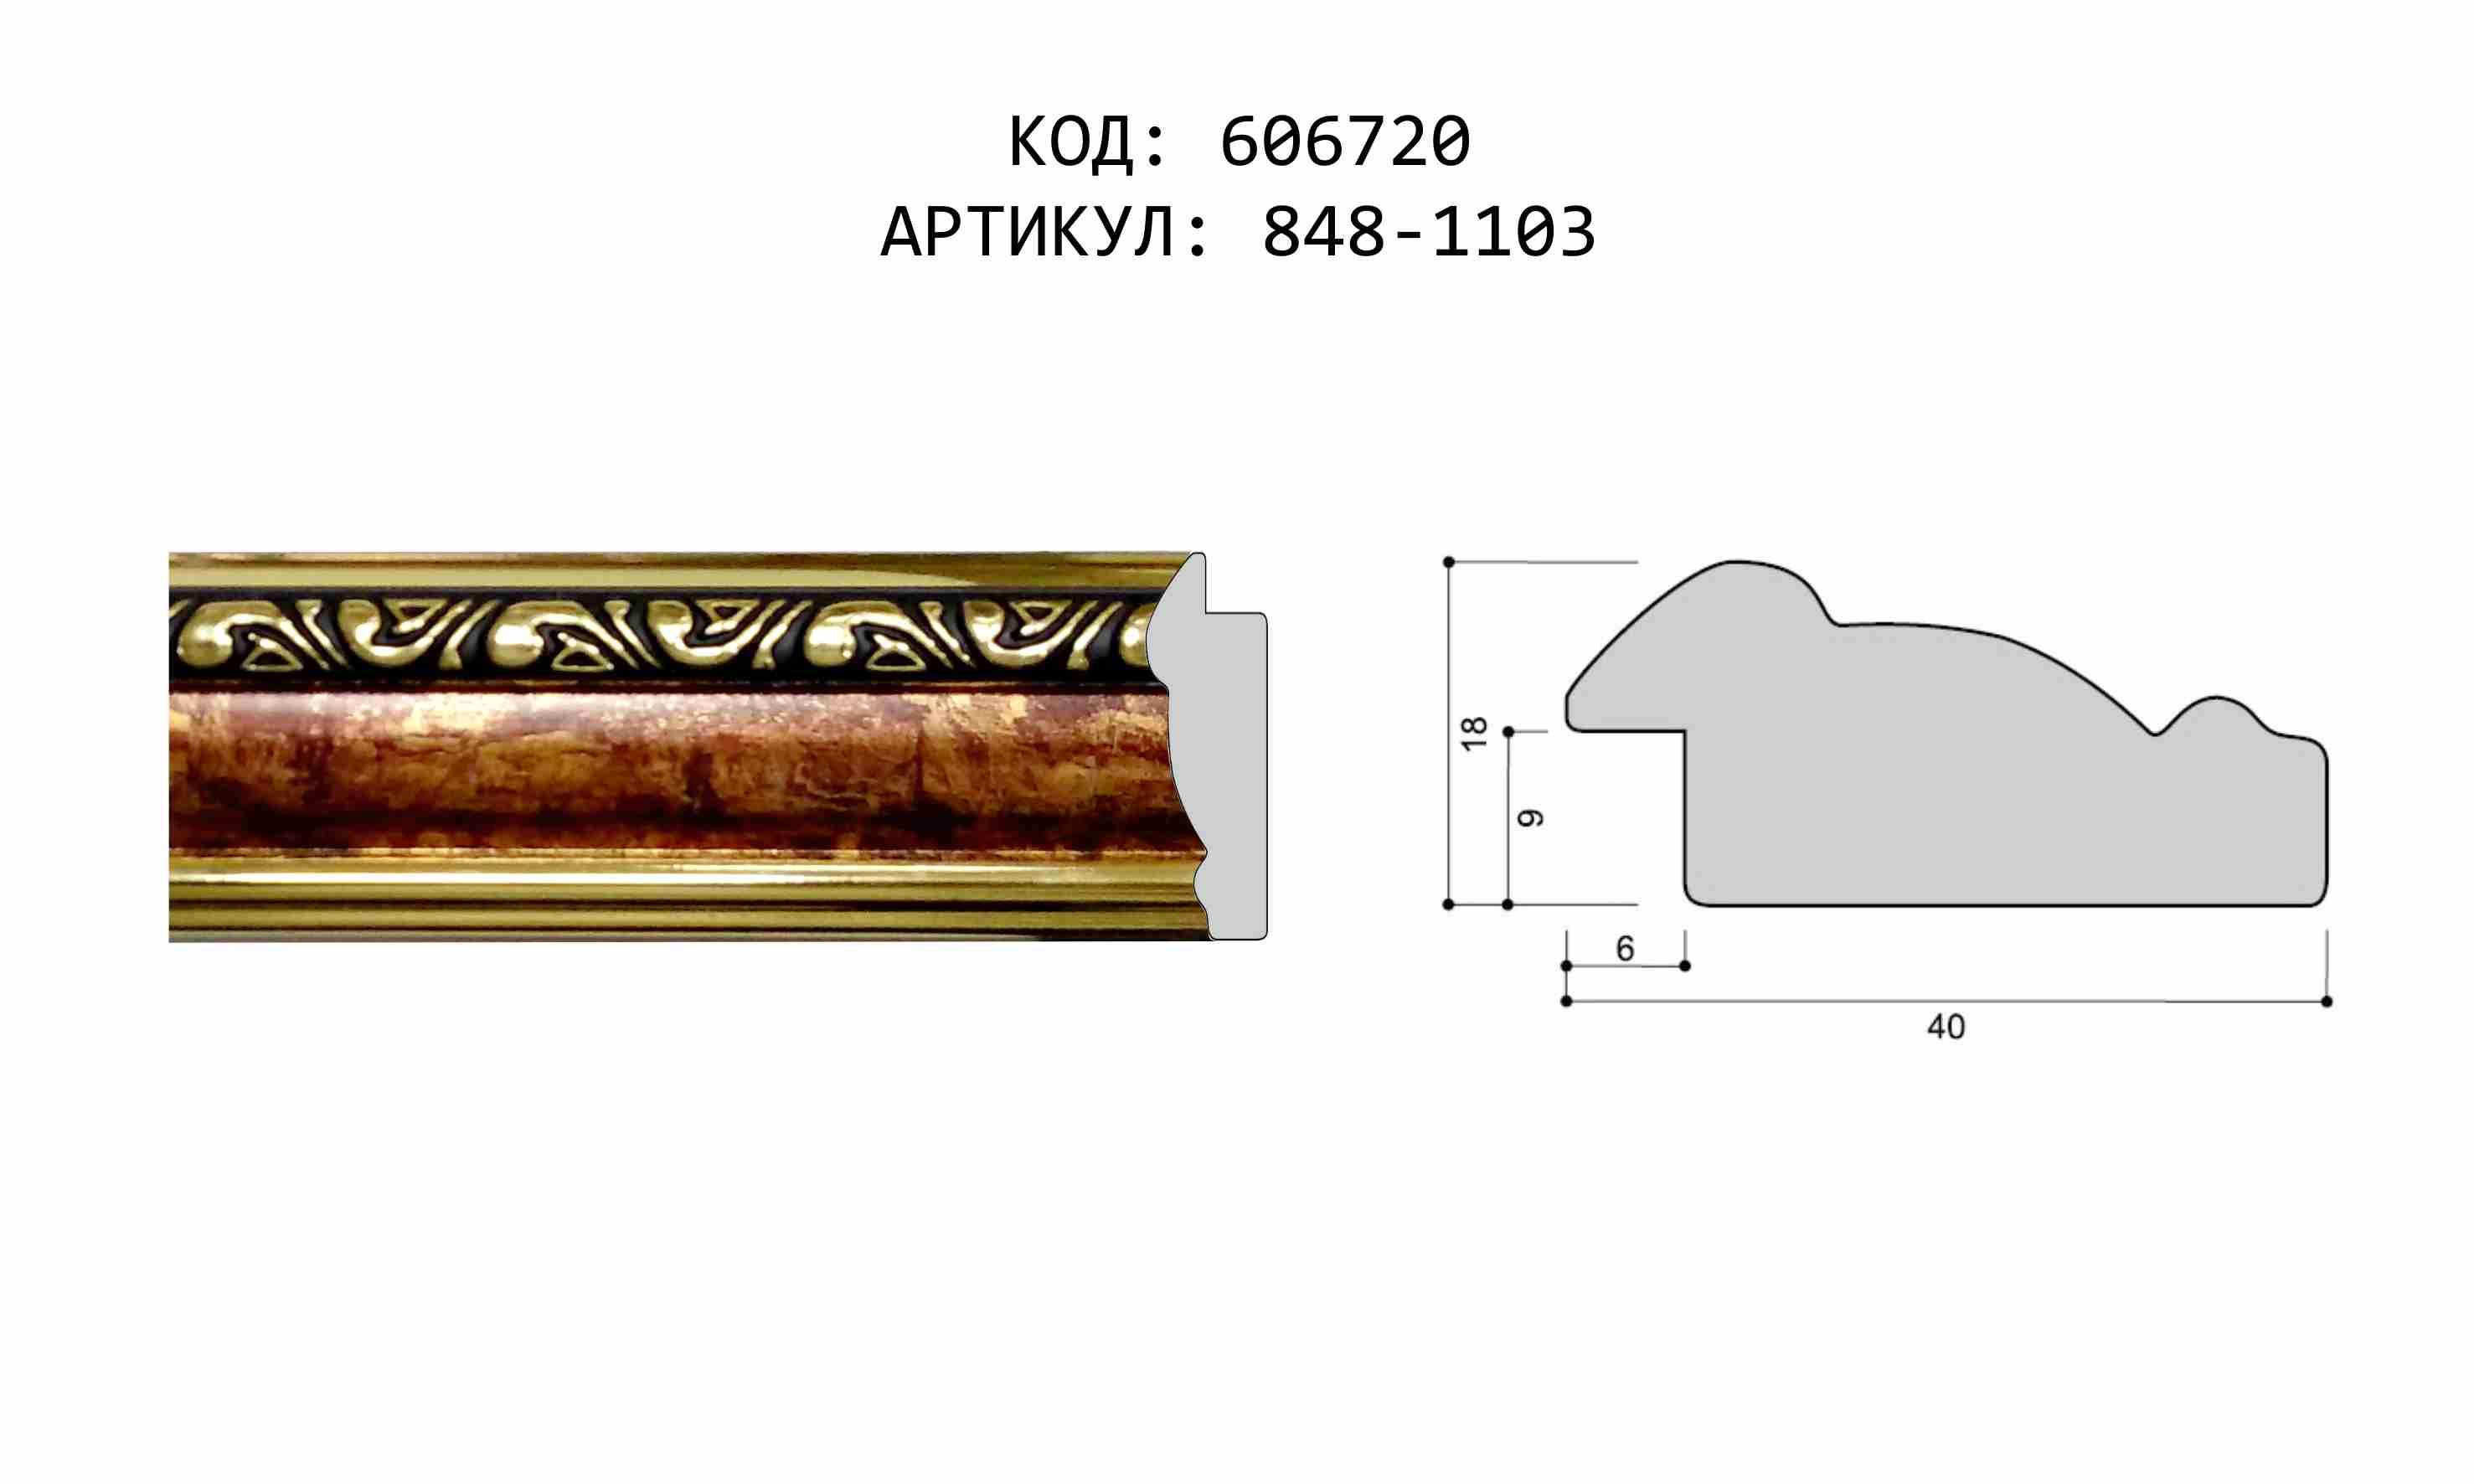 Артикул: 848-1103